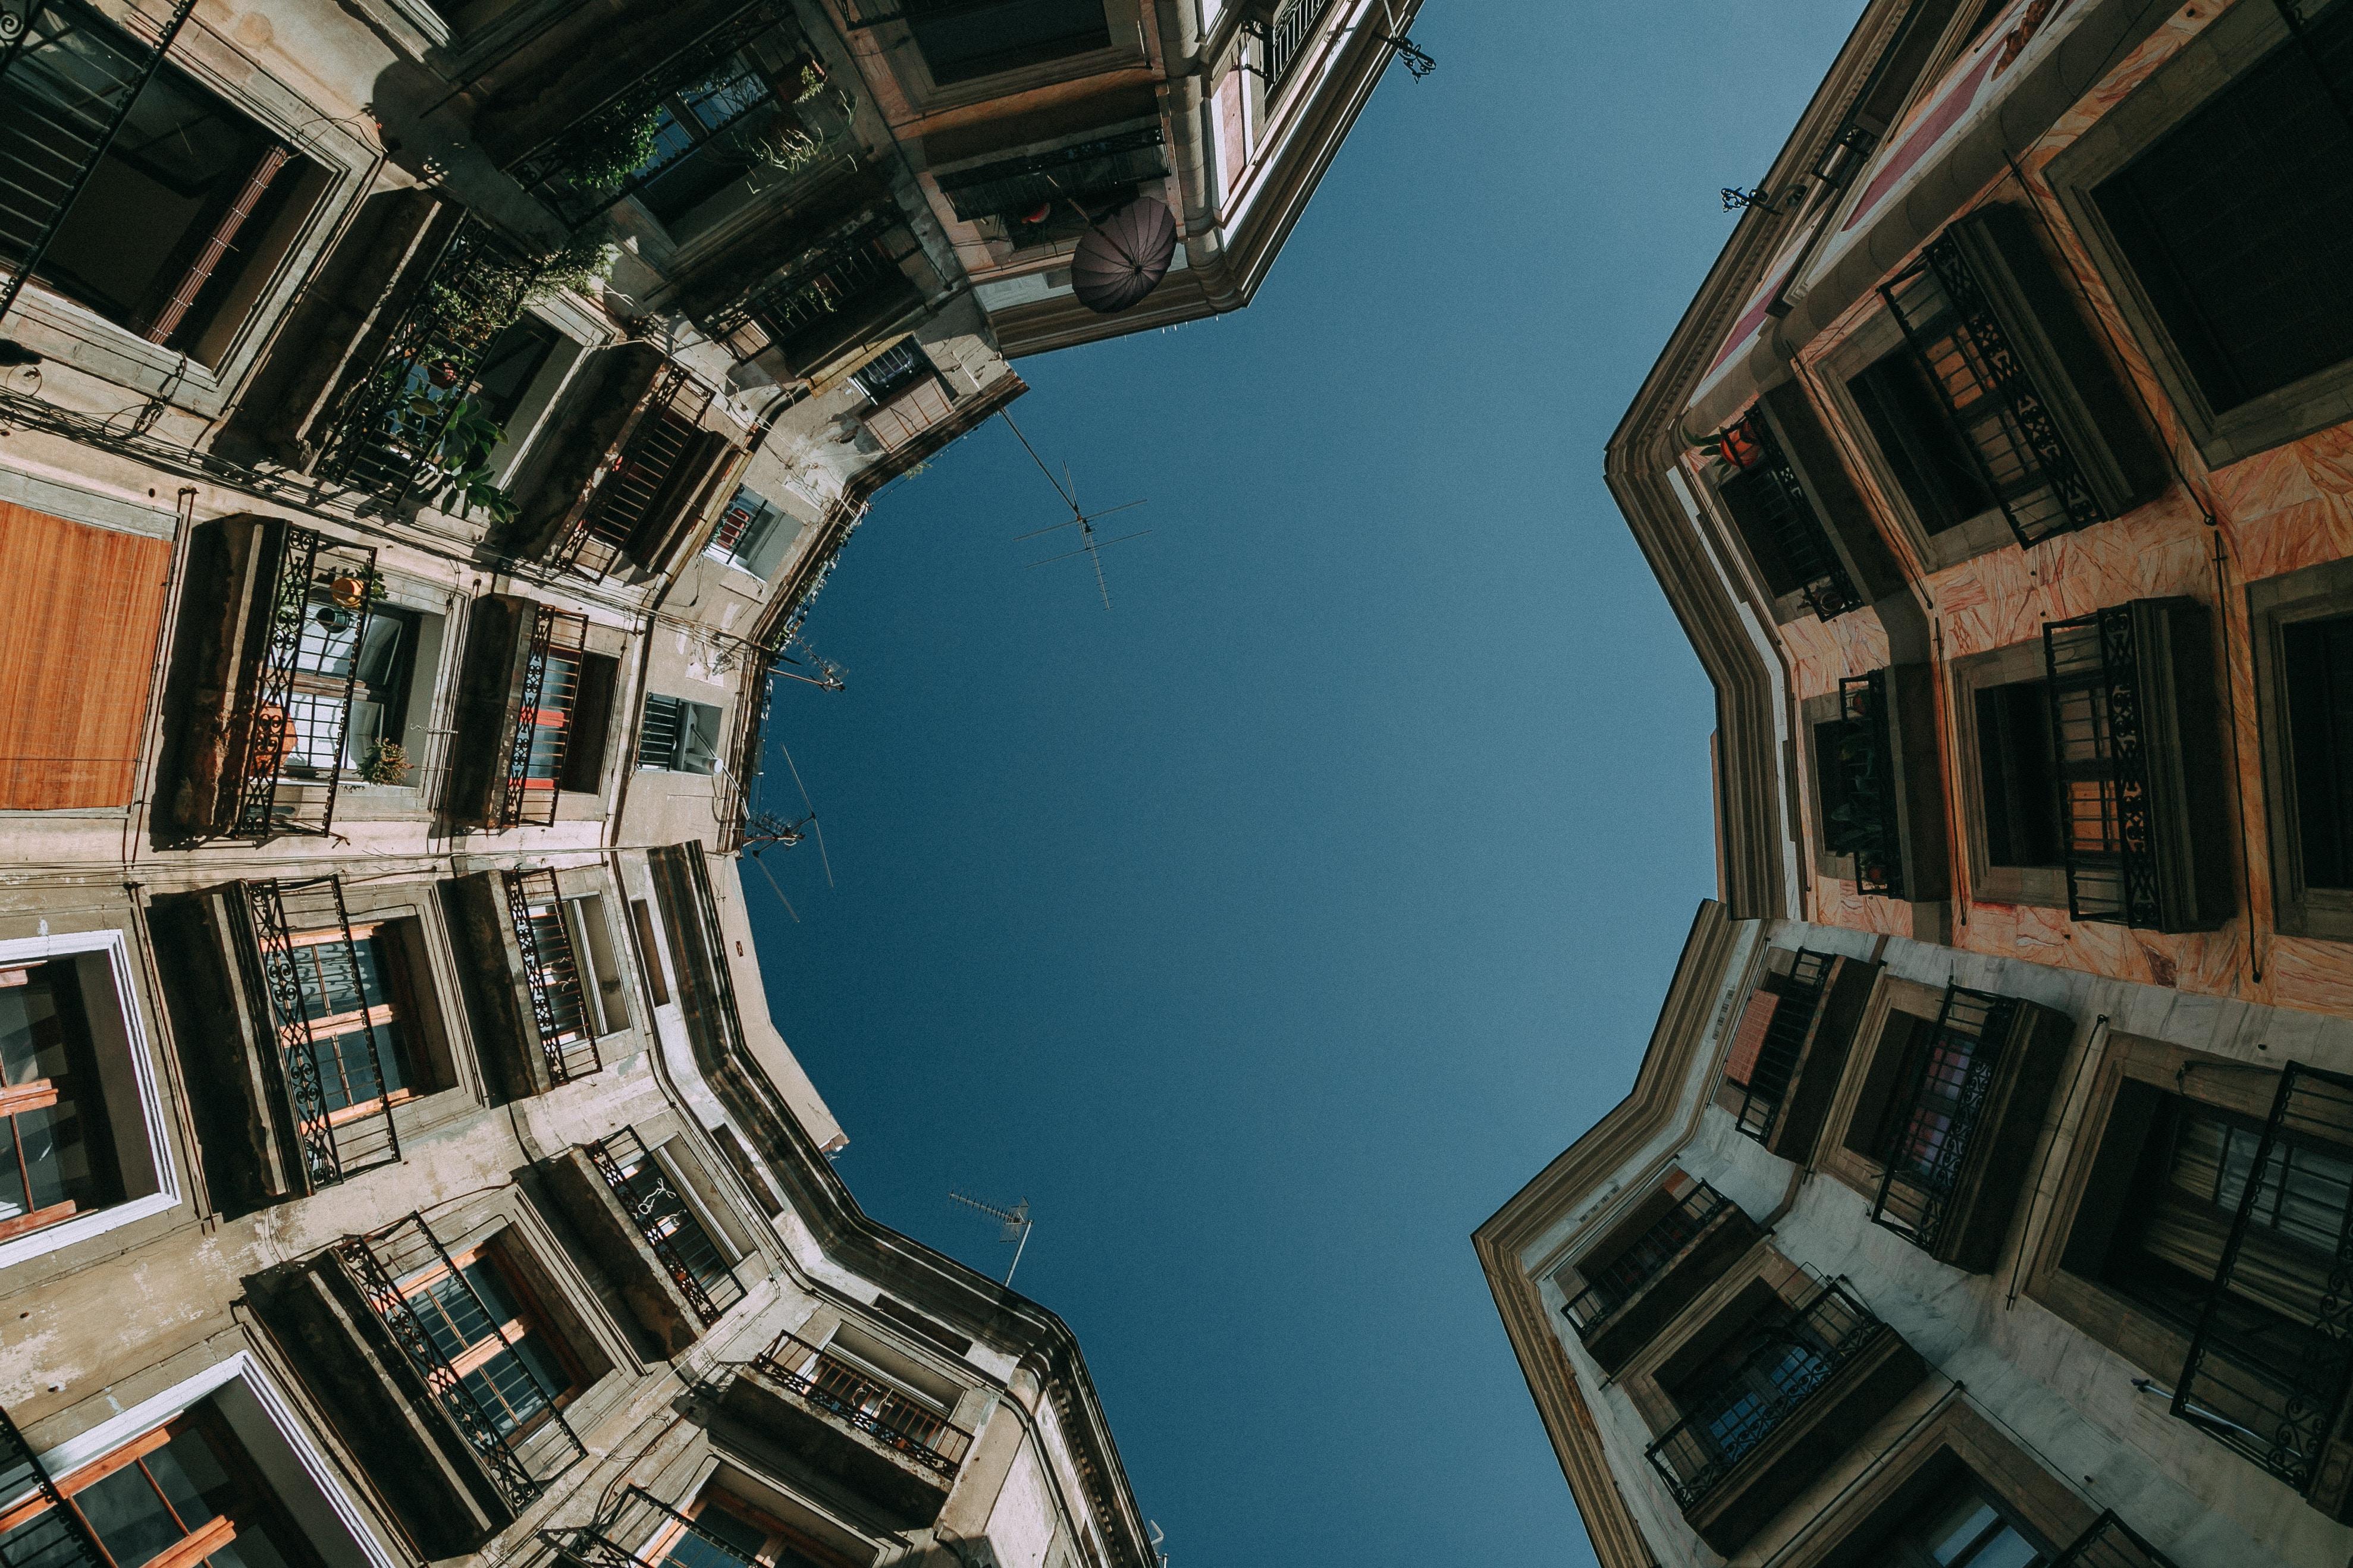 condominiums during daytime